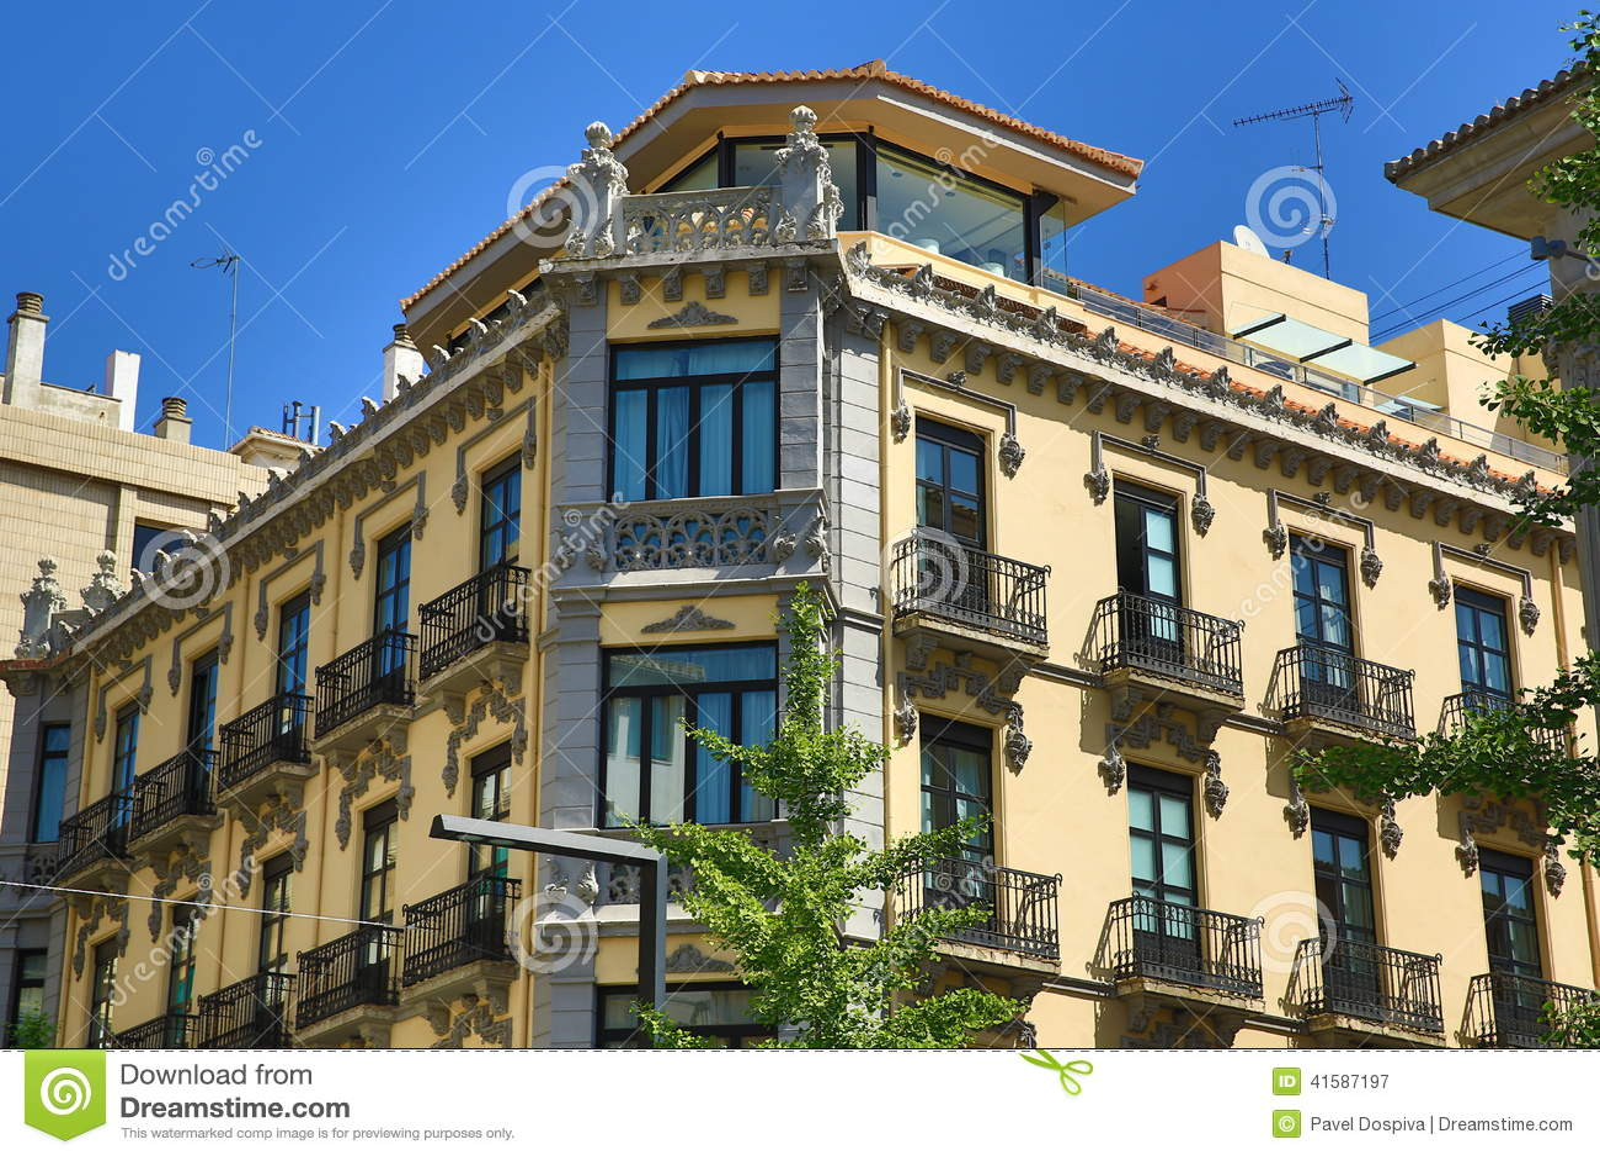 L 39 architettura di vecchie case granada spagna immagine for Architettura case